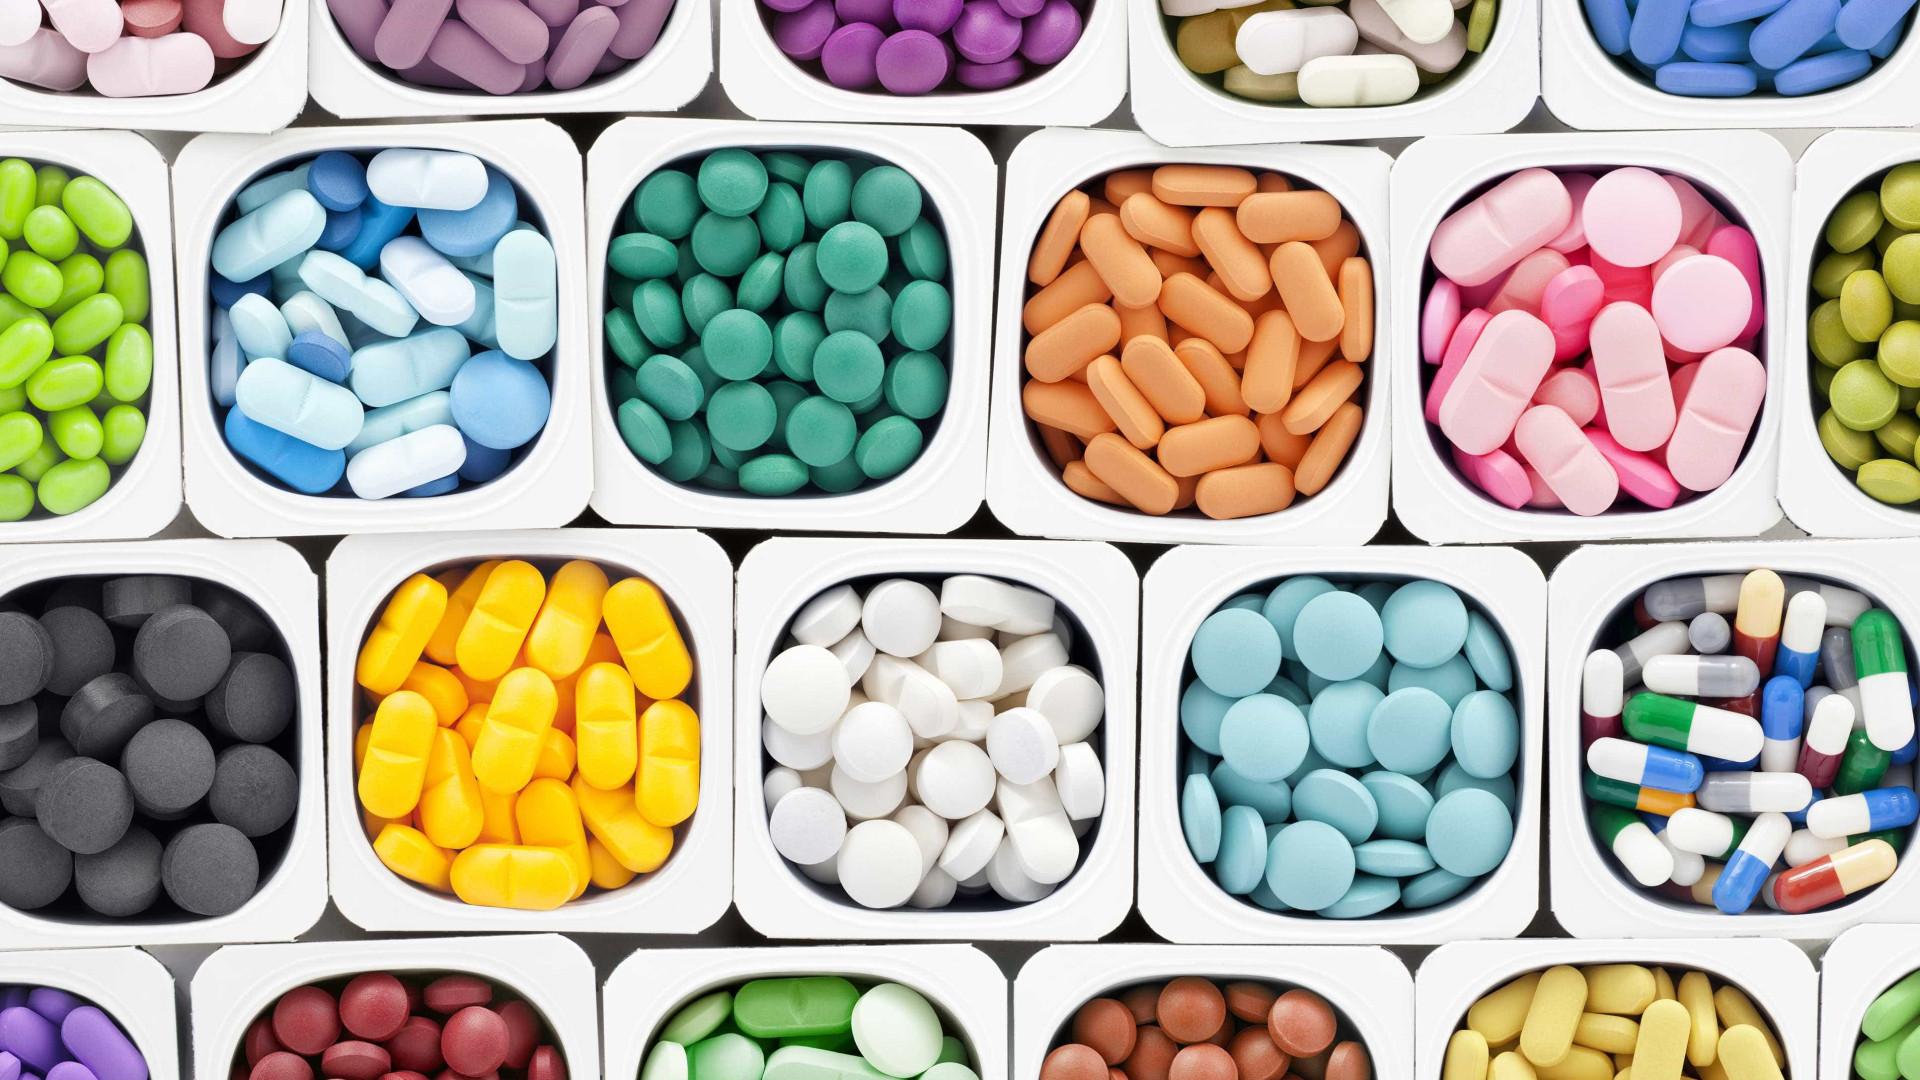 Diagnóstico correto de alergia a antibióticos ajuda a poupar 1,5 milhões